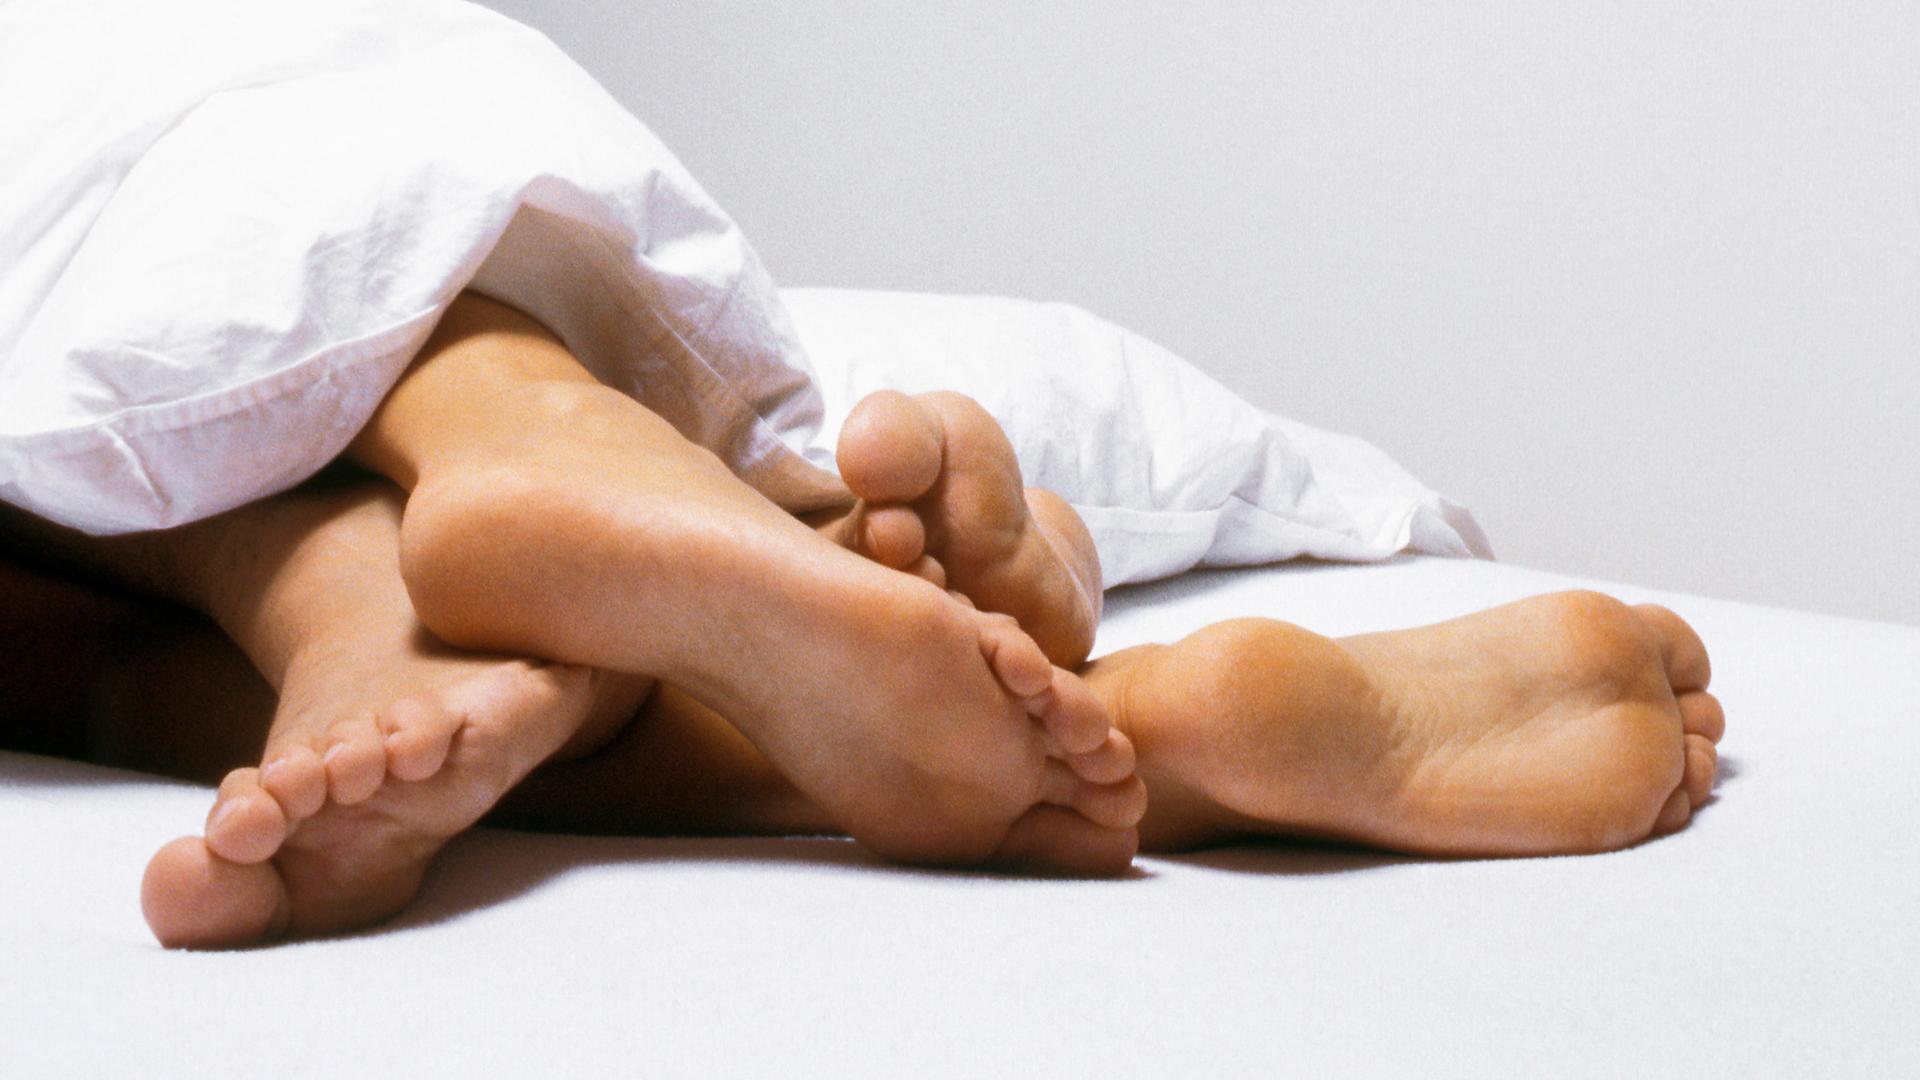 Tændt: Hvorfor har vi sex?